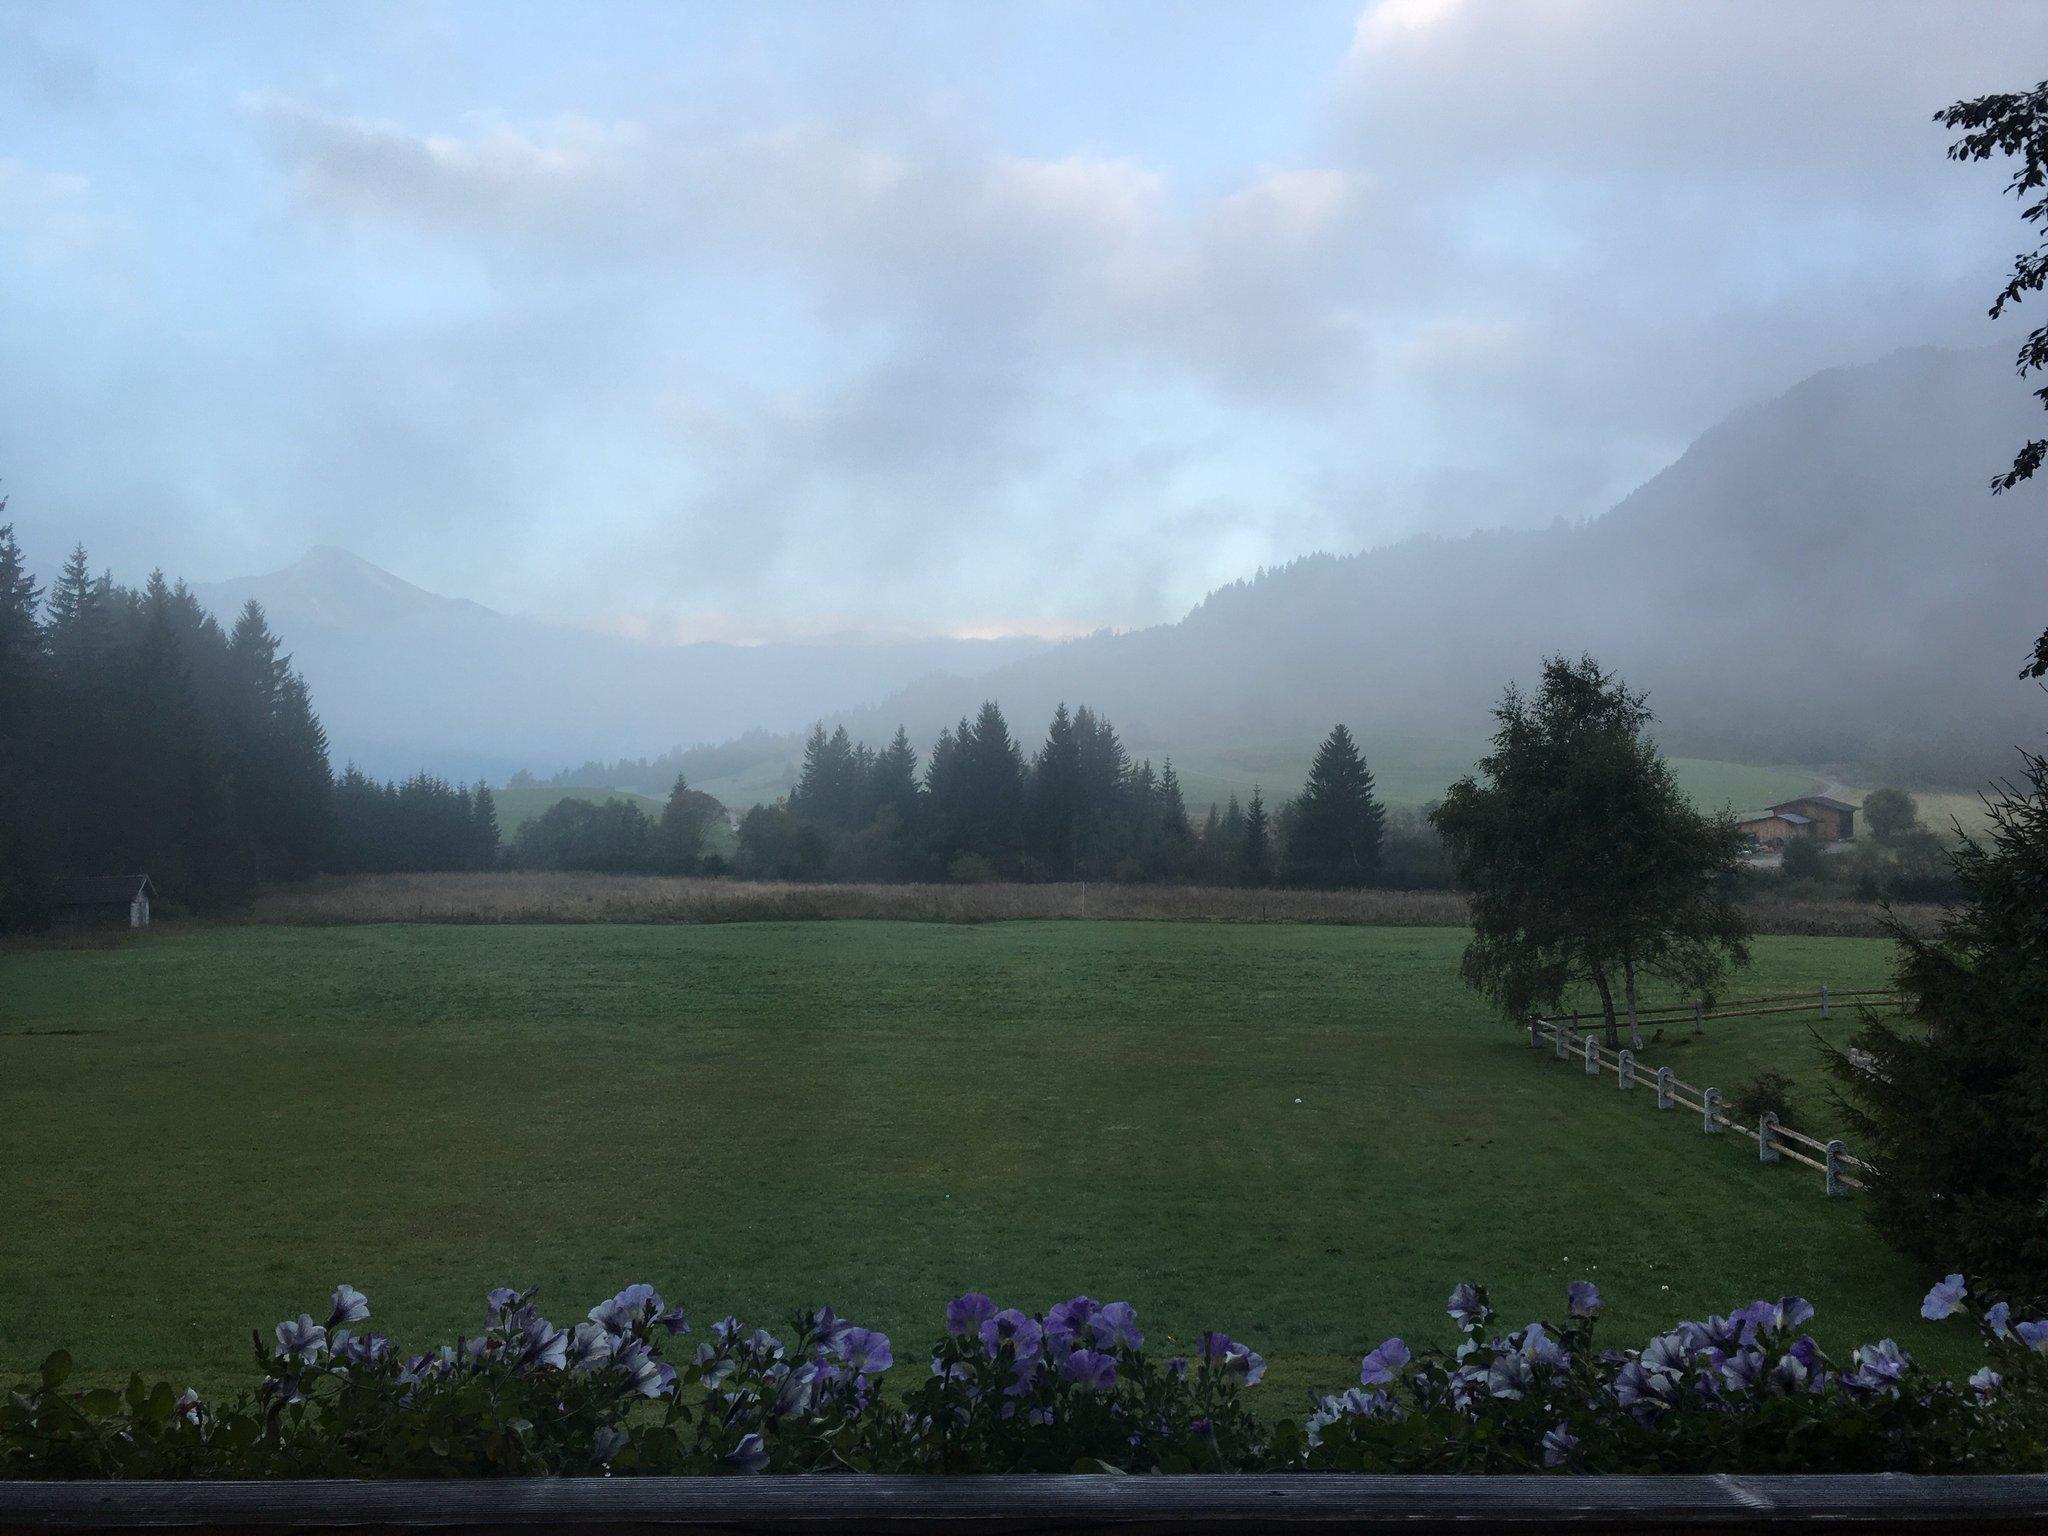 Guten Morgen aus dem #TannheimerTal #meurers #balkontweet https://t.co/nWR4RsIwKc